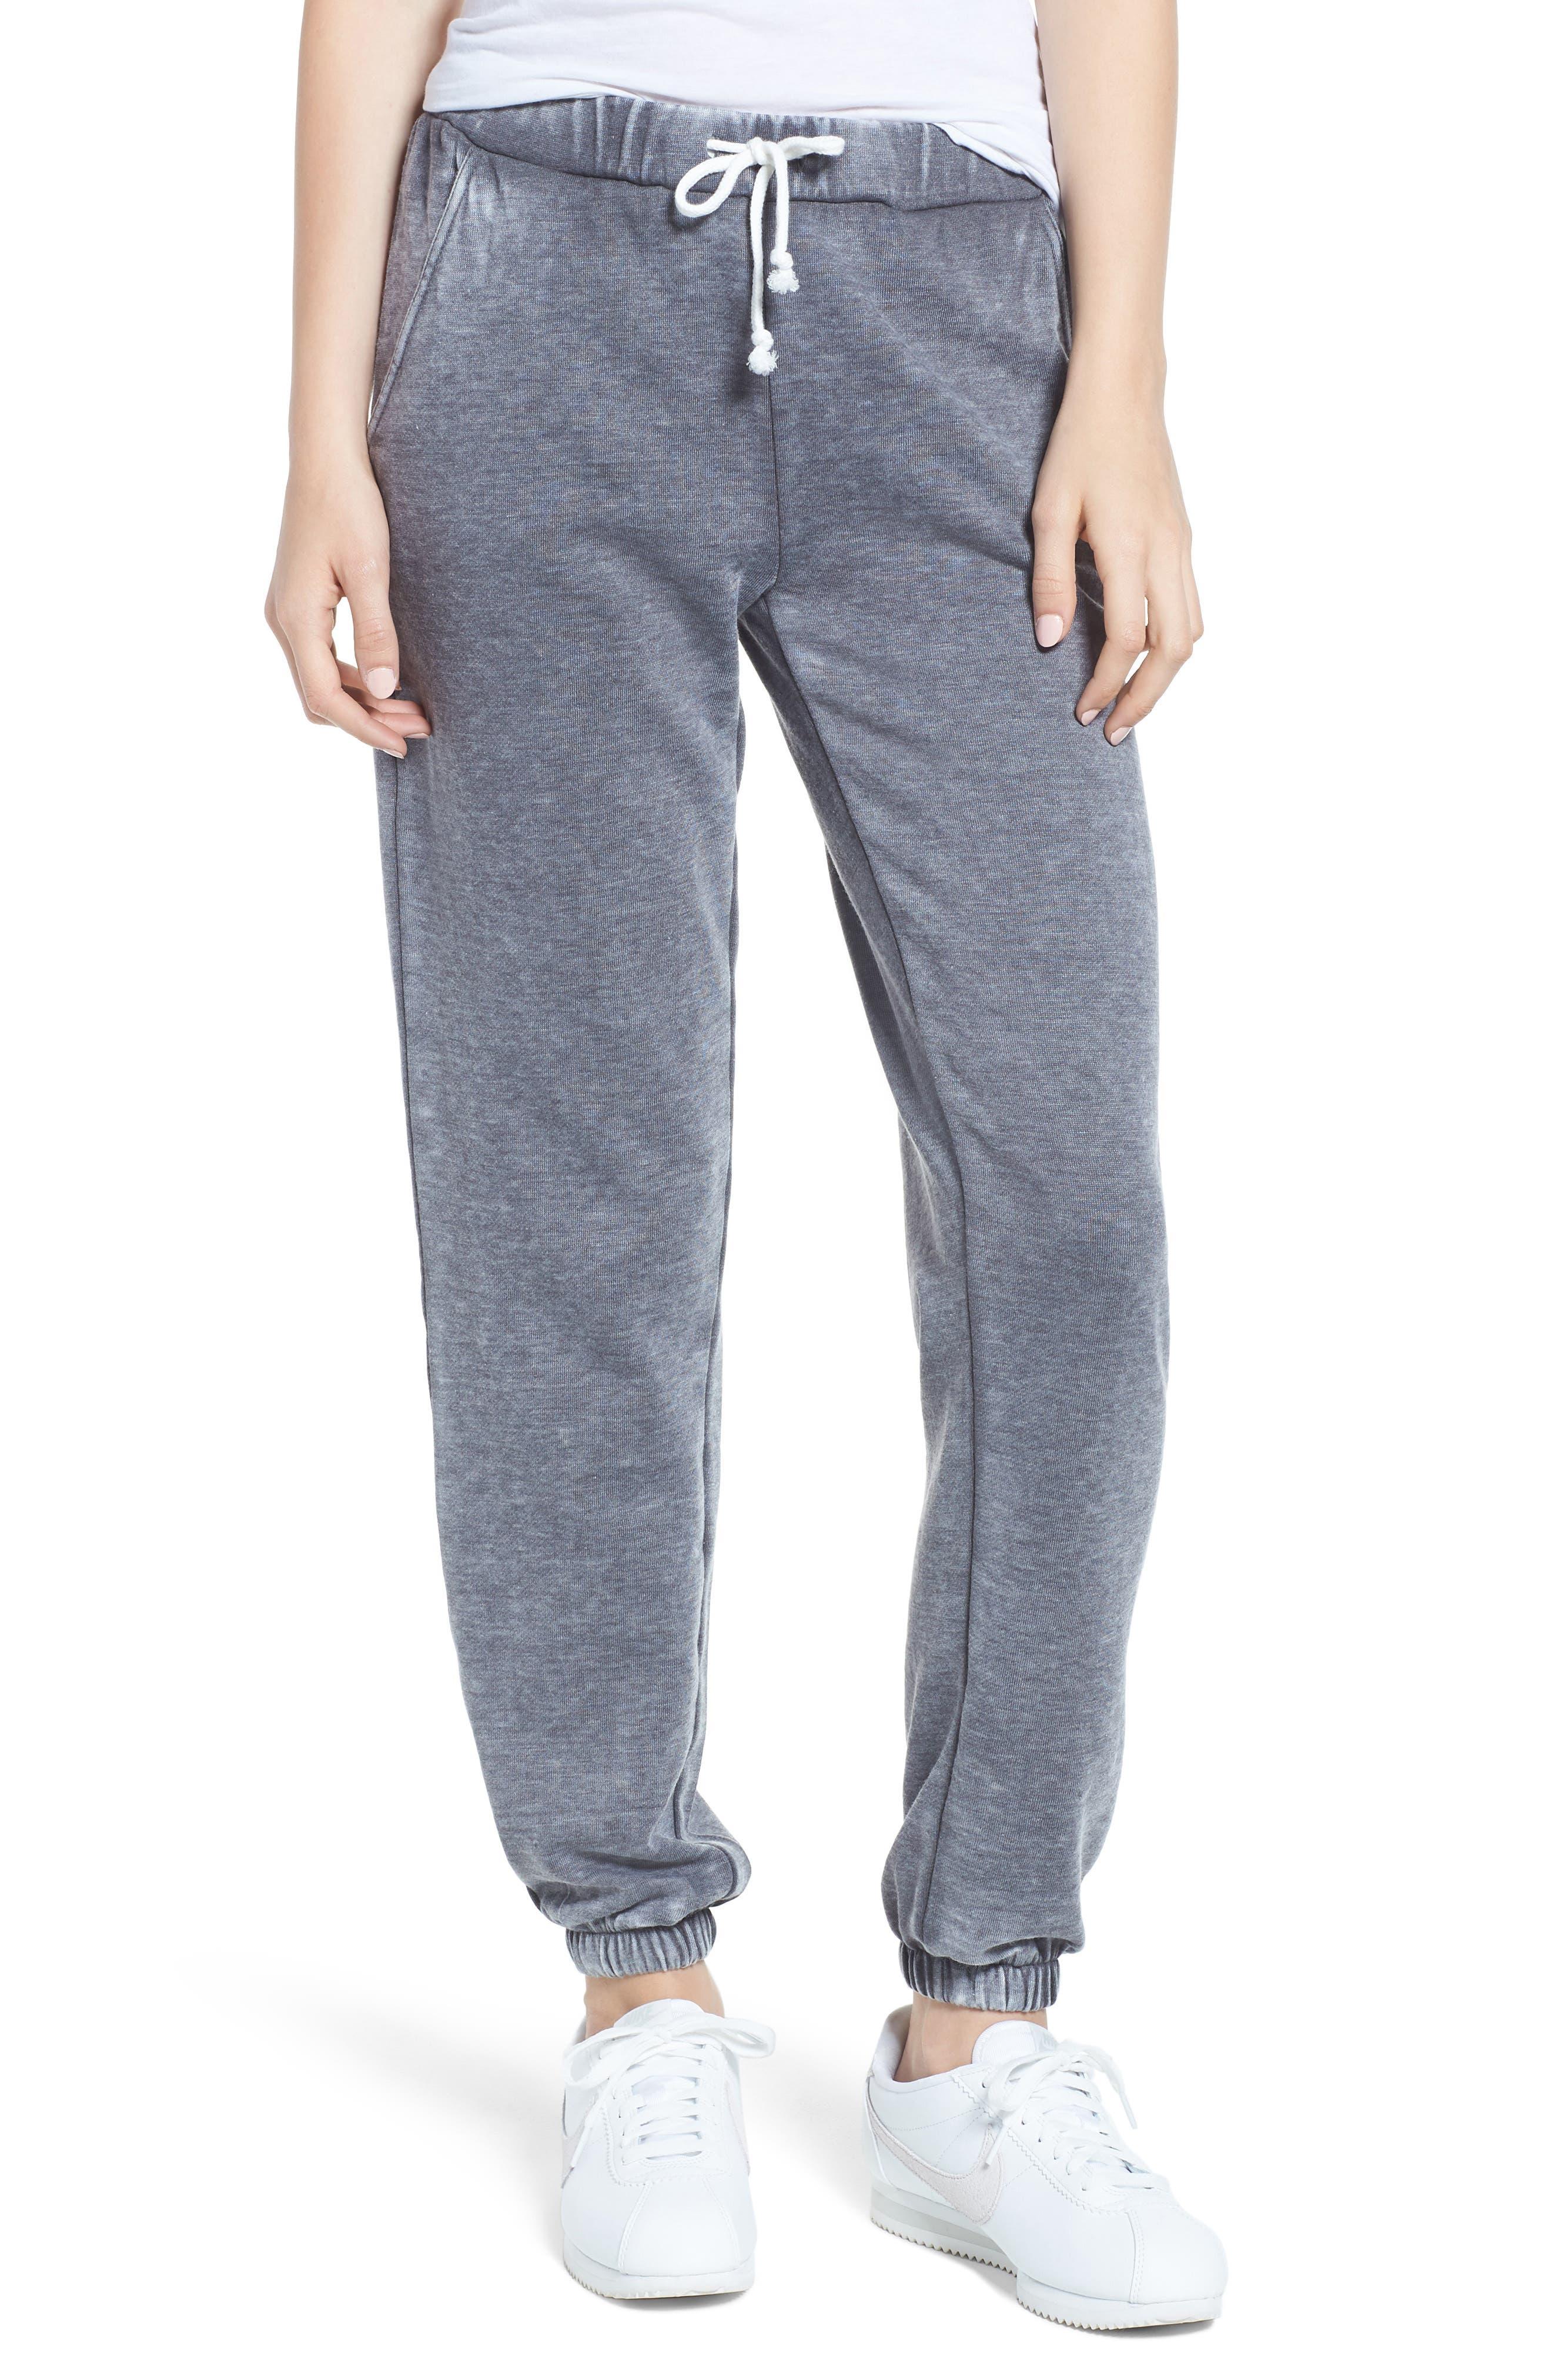 Riya Fashion Fleece Sweatpants,                             Main thumbnail 1, color,                             020